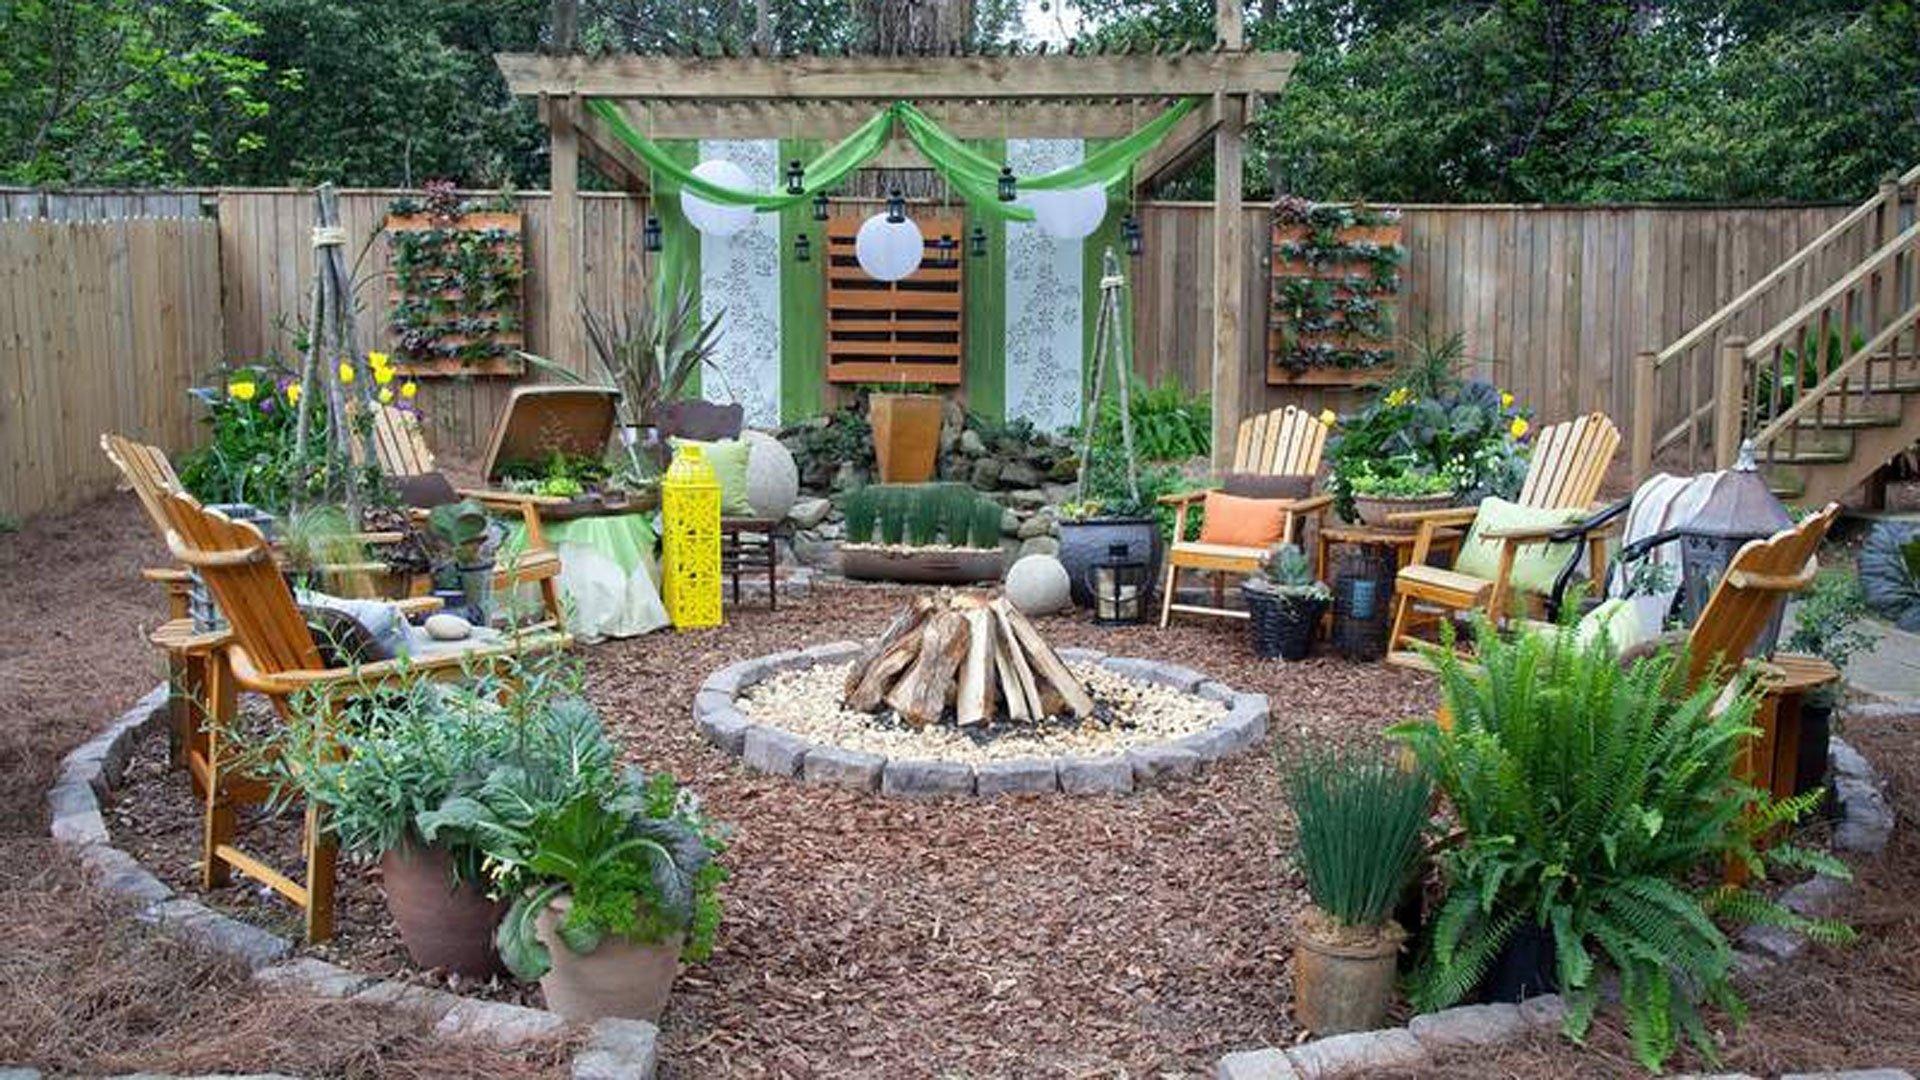 10 Great Do It Yourself Backyard Ideas do it yourself backyard ideas louis vuitton 2021